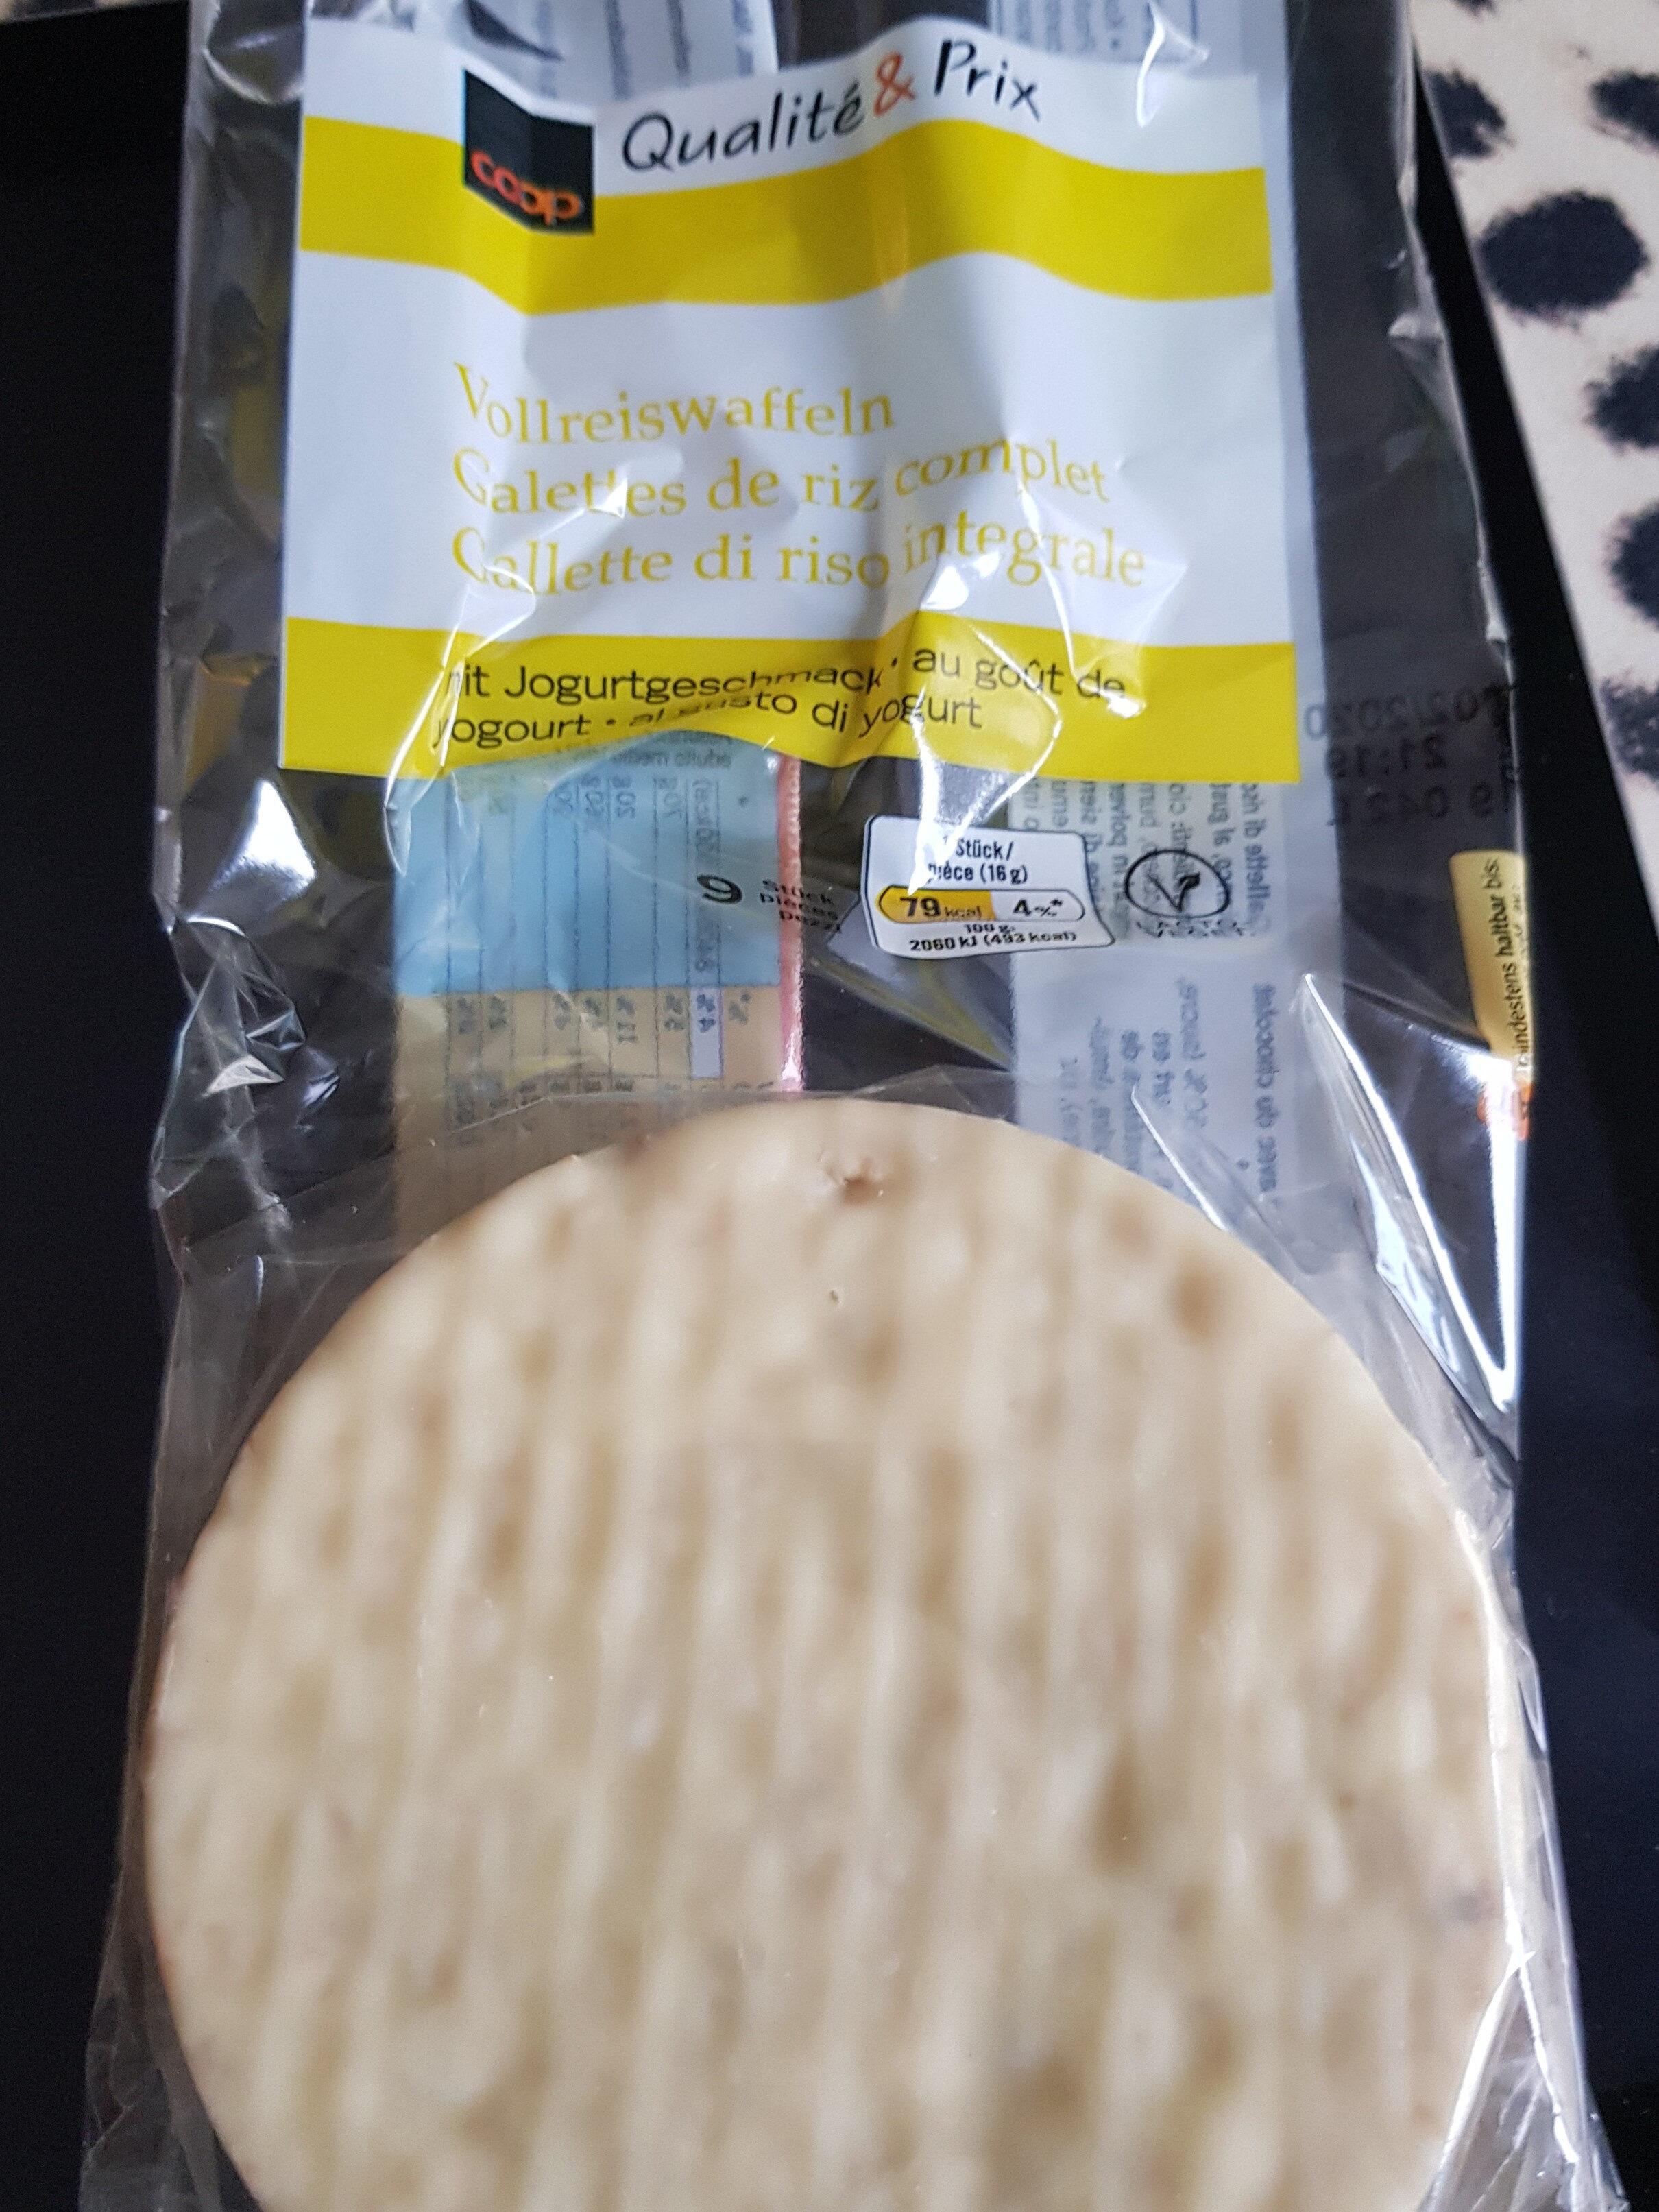 galette de riz complet avec chocolat blanc - Product - fr